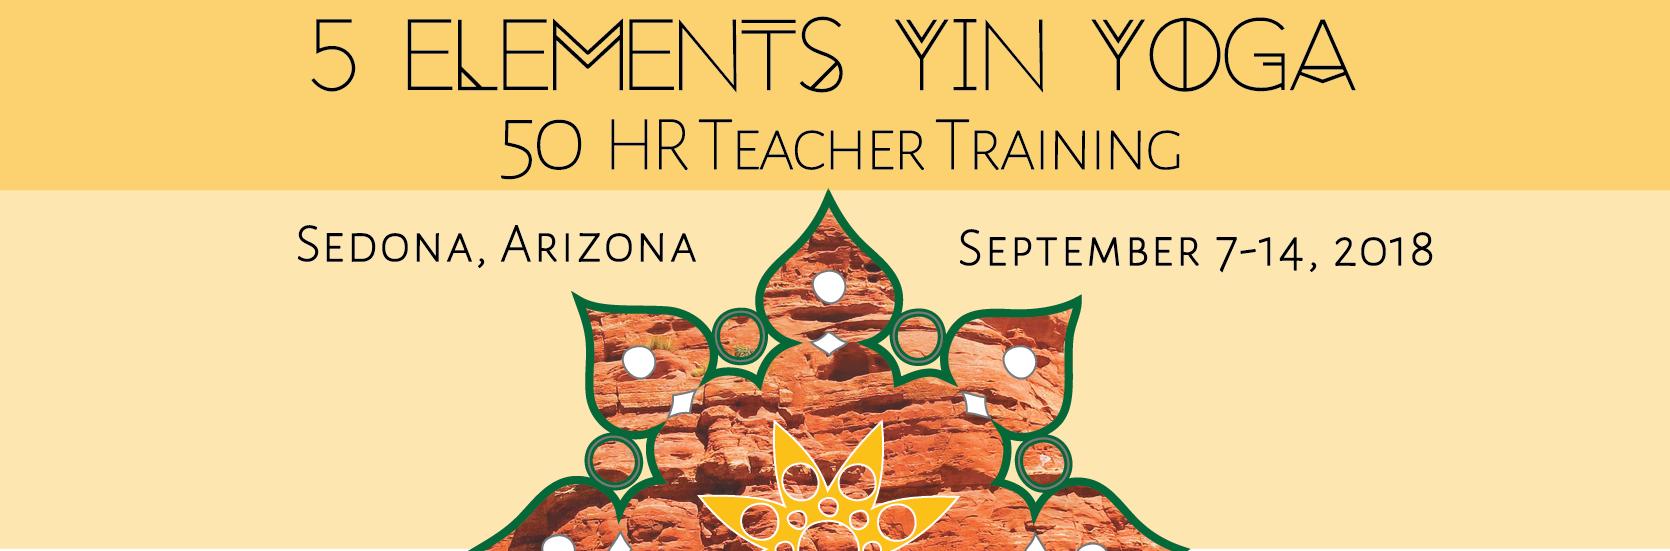 de-sedona-yin-yoga-teacher-training-homepage-06.png